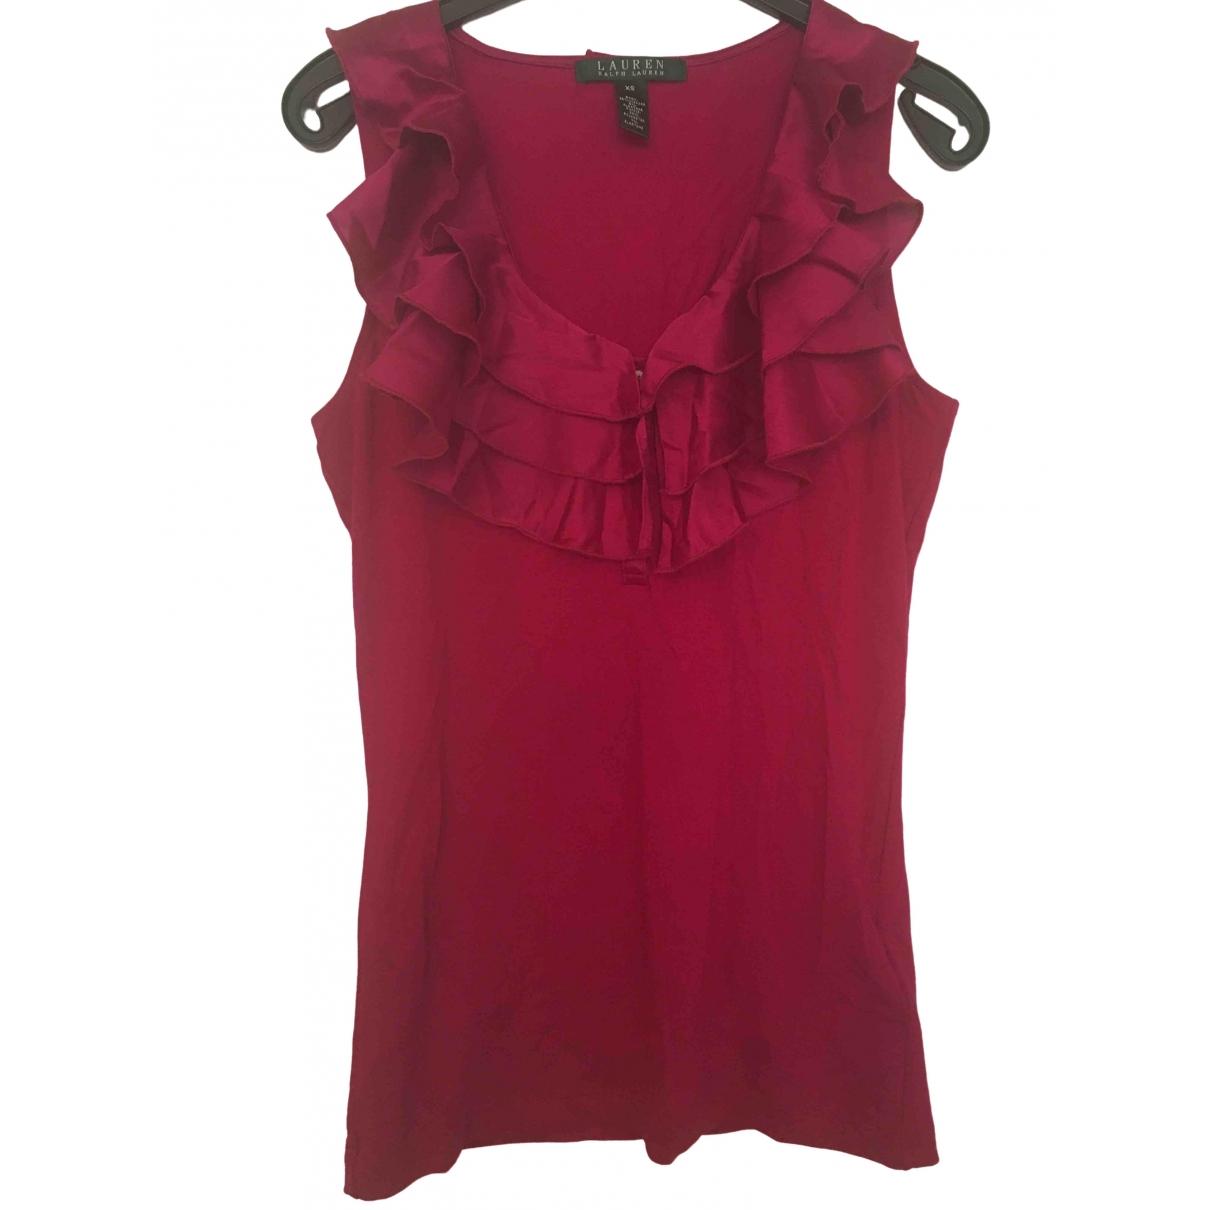 Lauren Ralph Lauren - Top   pour femme - rose